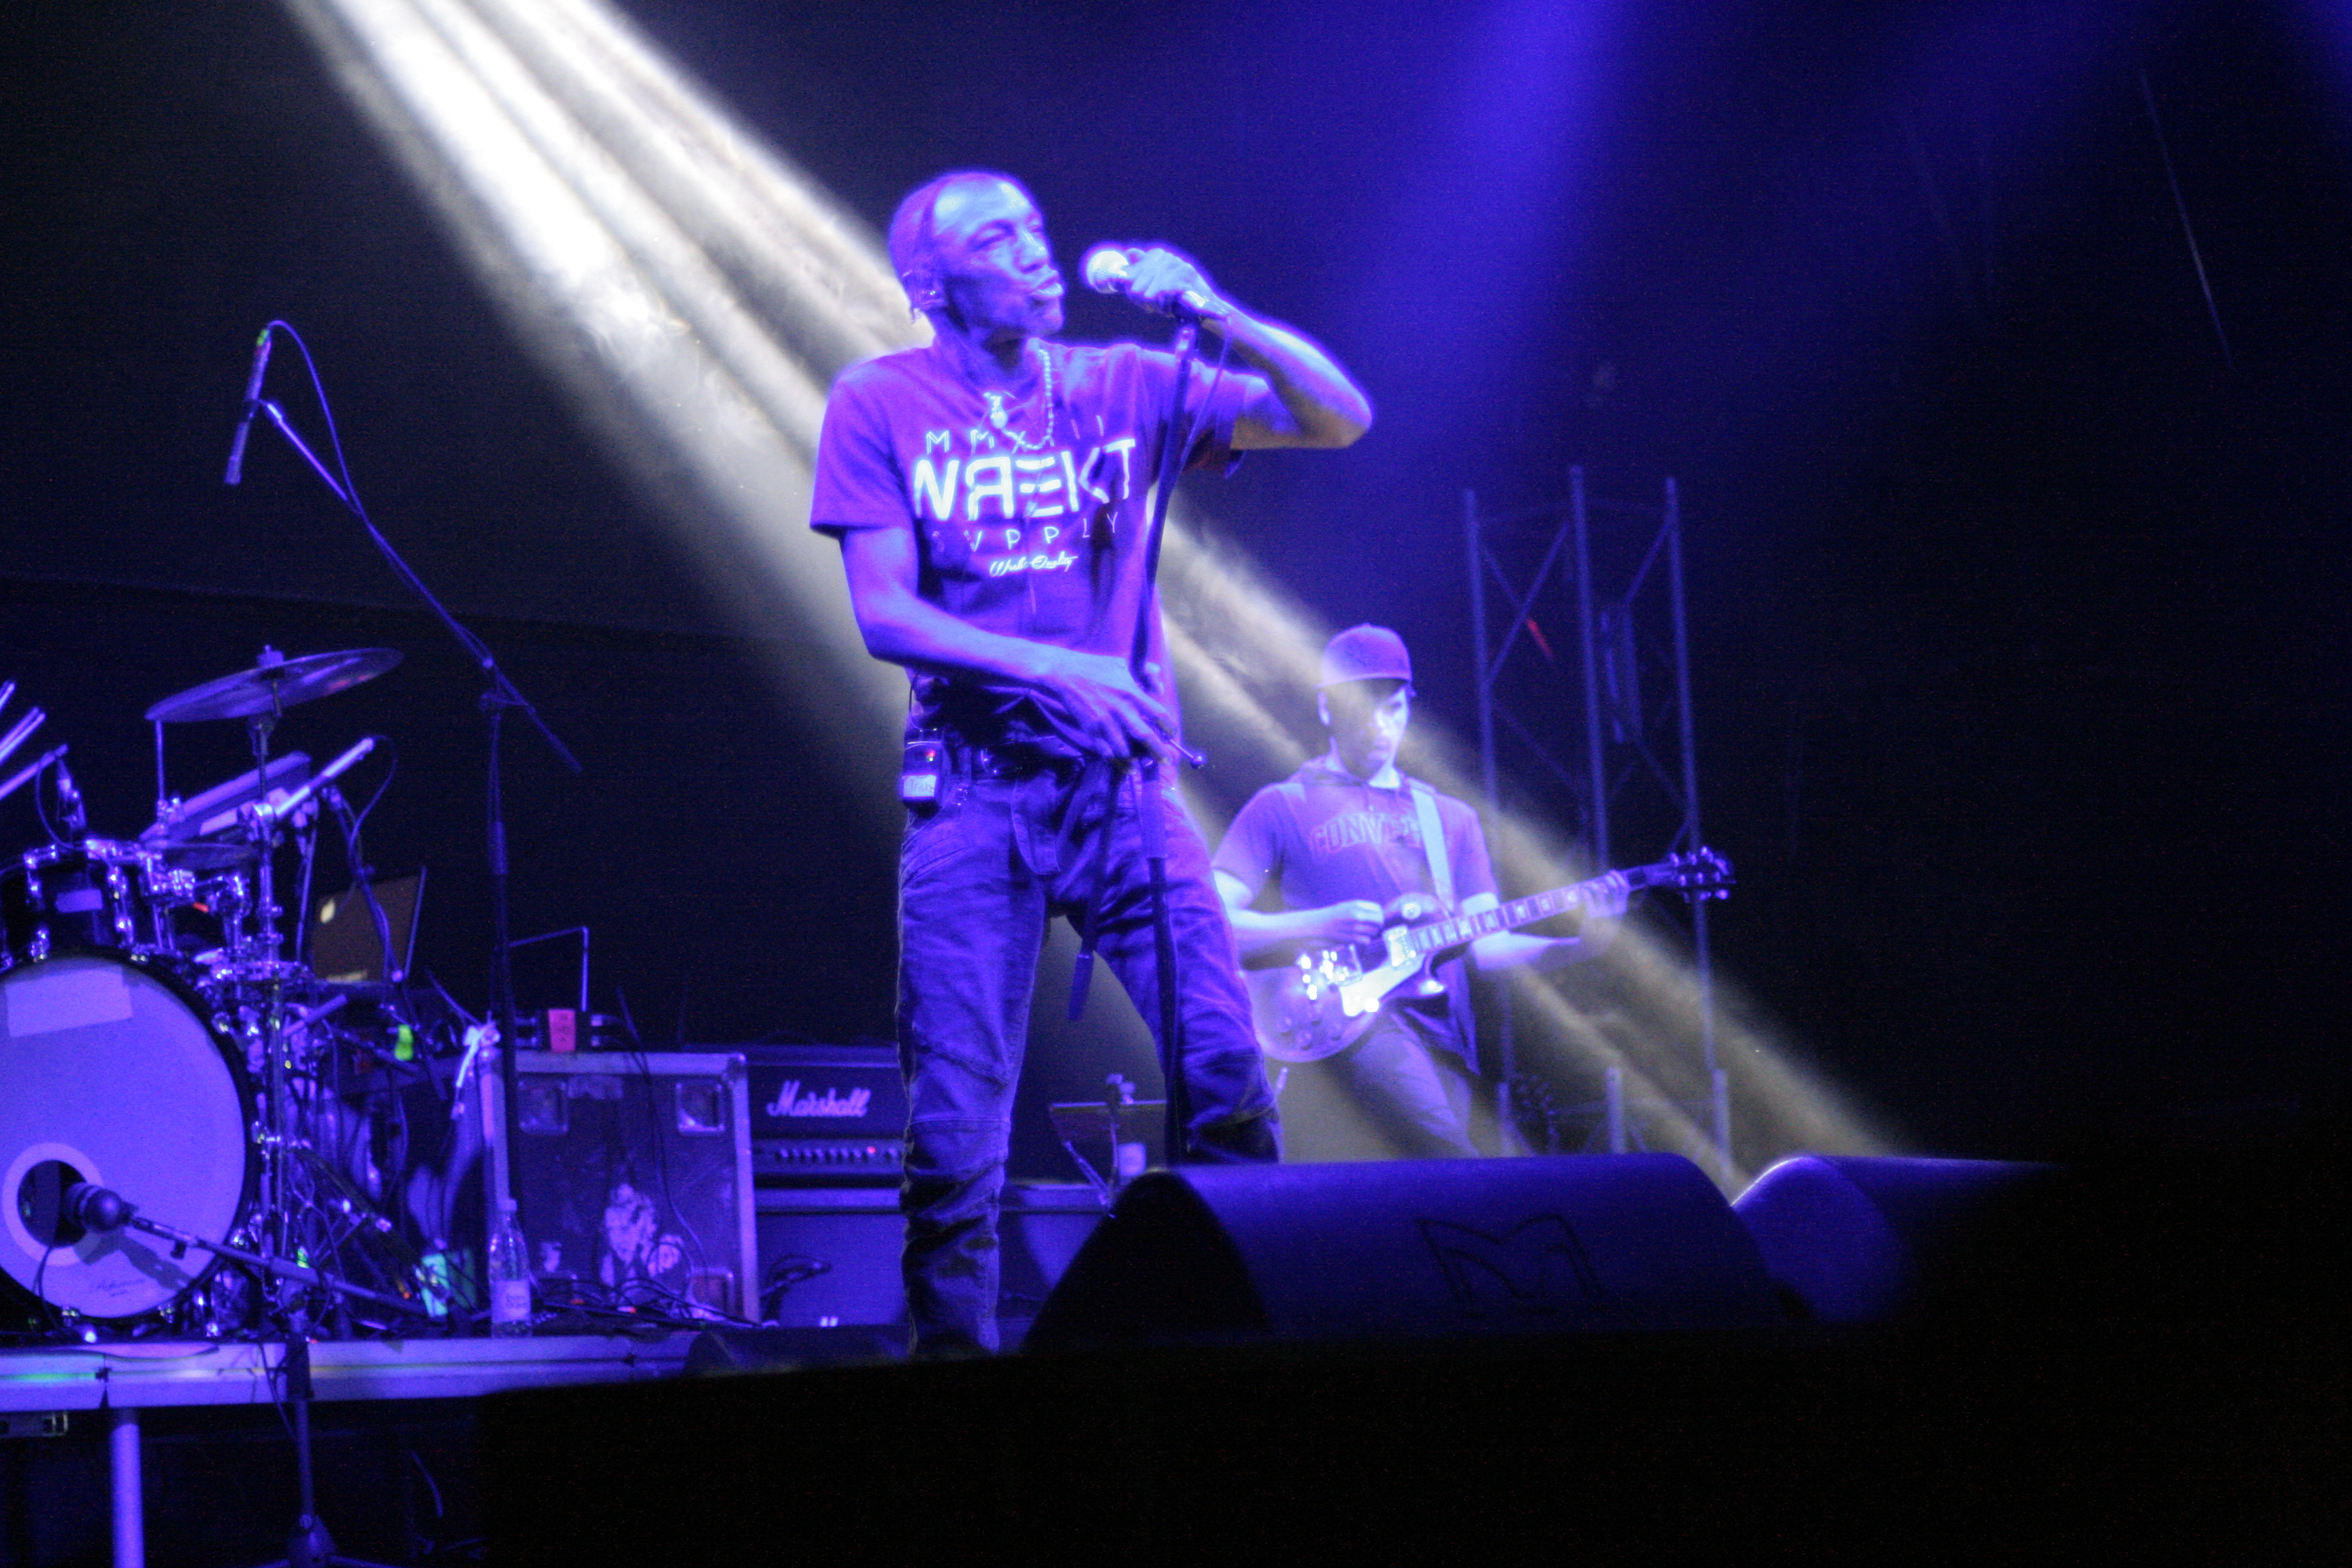 Концерт Tricky в Екатеринбурге: ветеран трип-хопа спел с фанатами на сцене